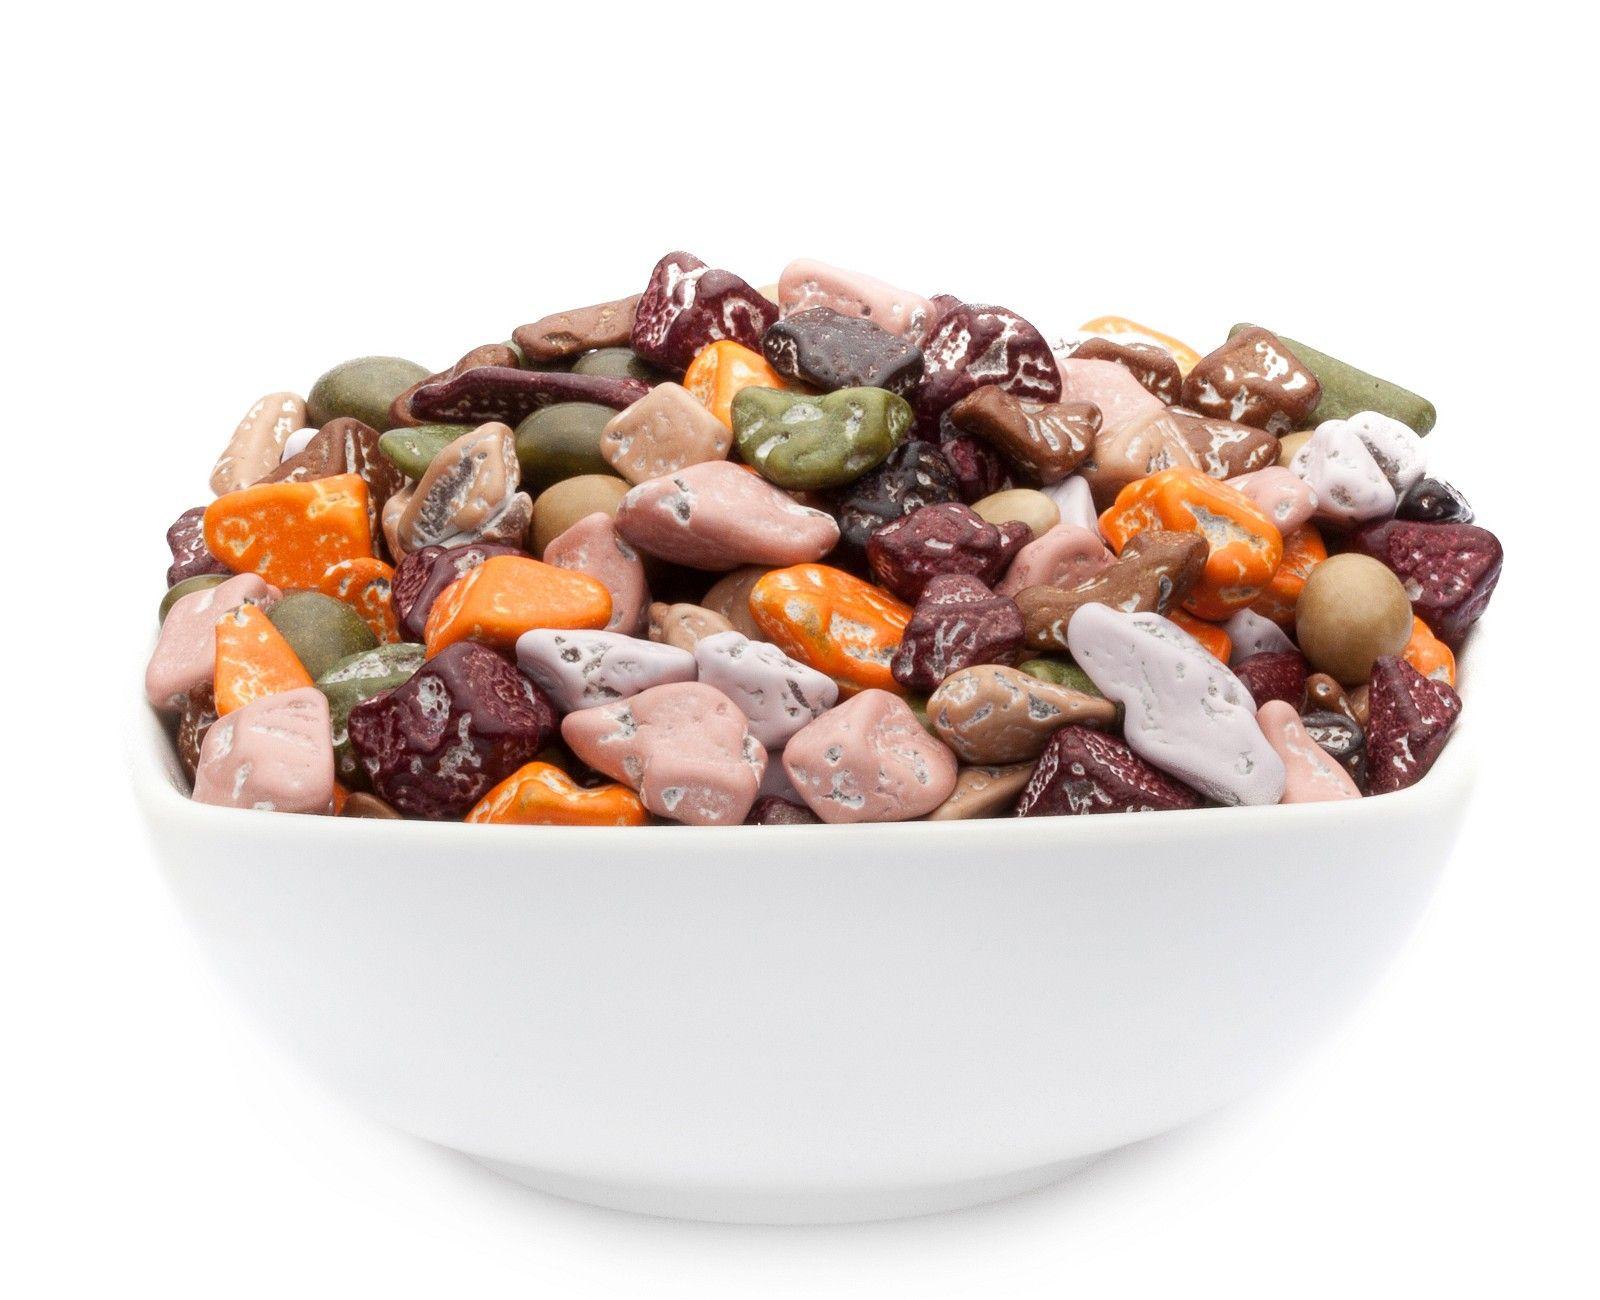 Schokoladesteine for Farbige kieselsteine